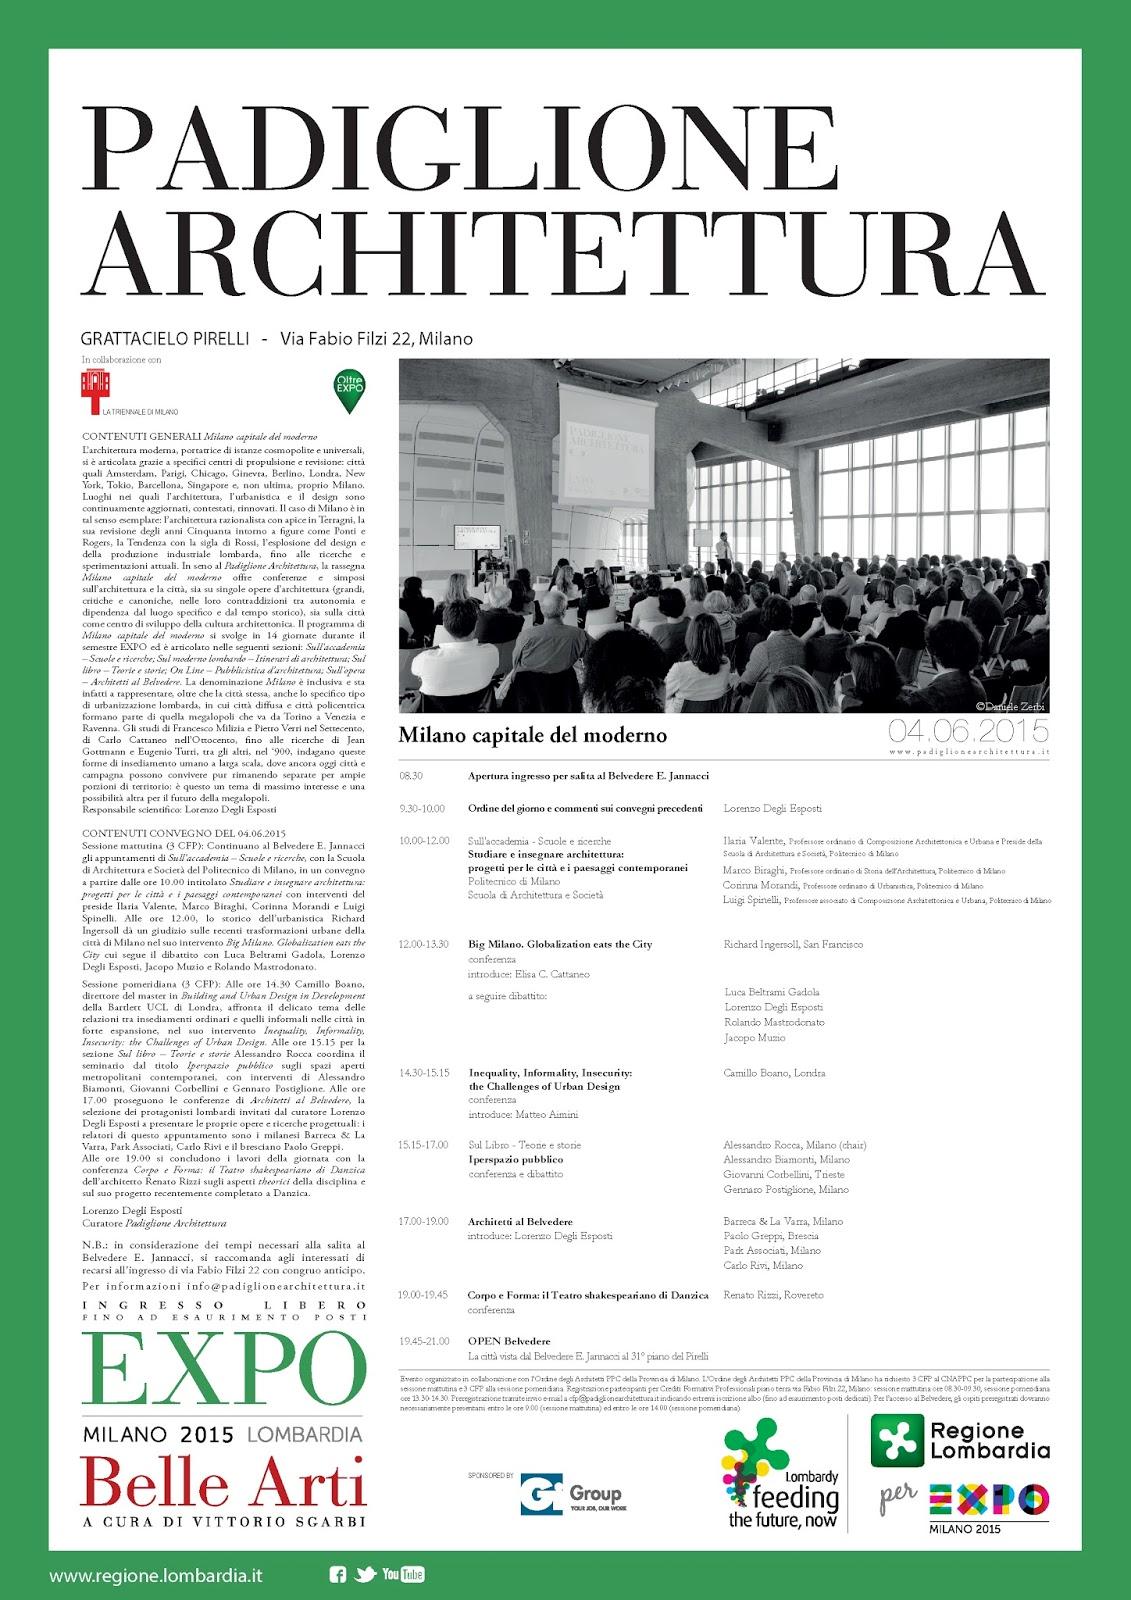 Architecture and architecture milano capitale del postmoderno for Design postmoderno